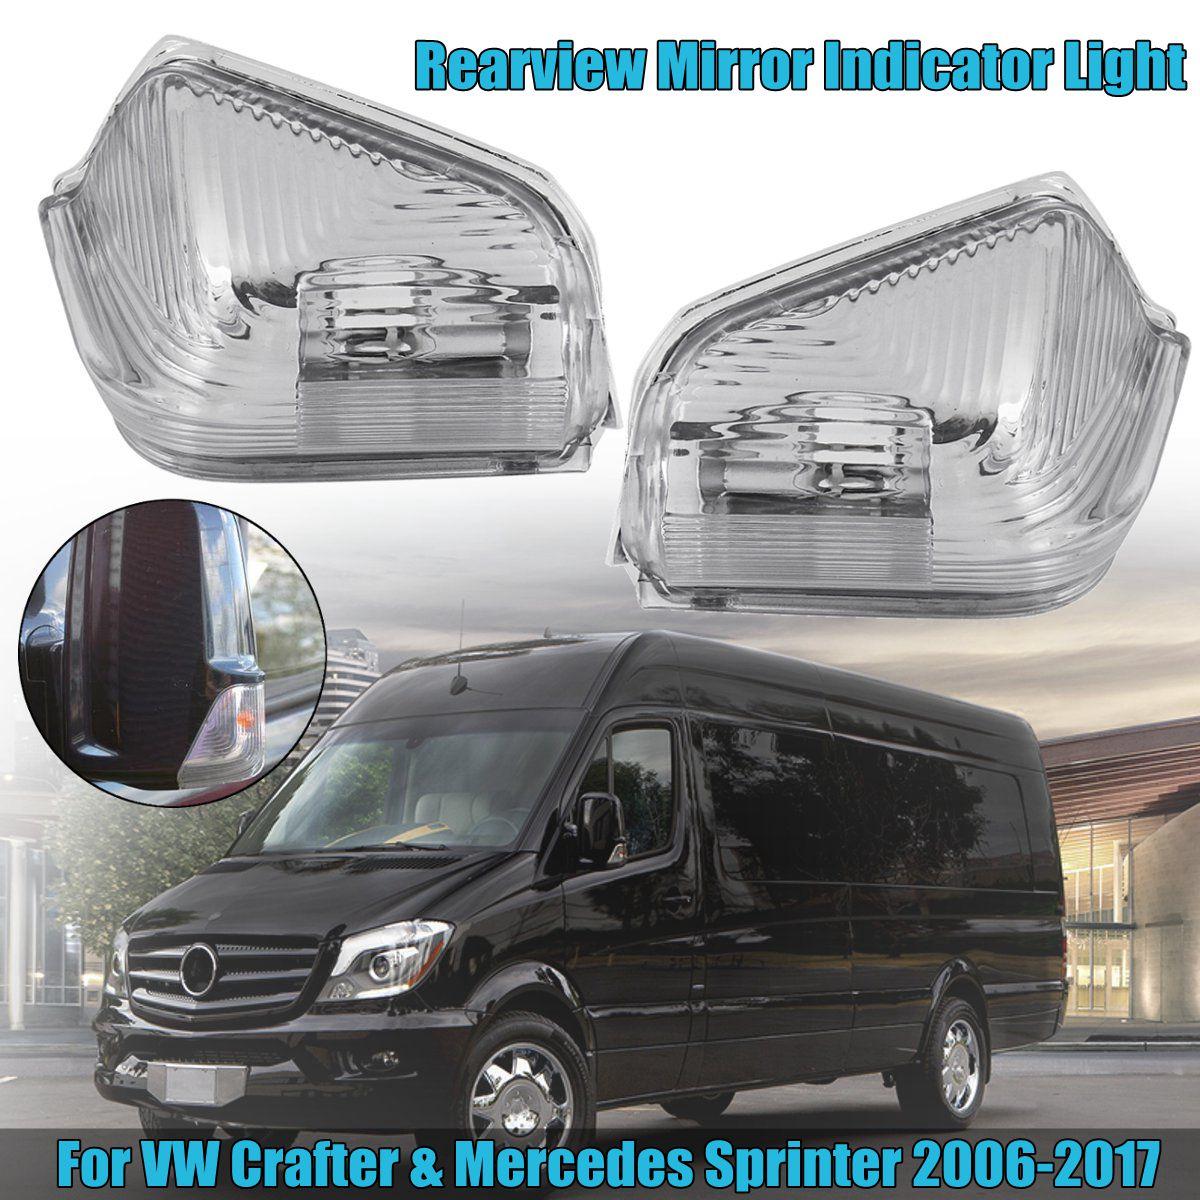 1Pcs Rechts Links Led Vorderseite Spiegel Blinker Licht Lampe Blinker für VW für crafter für Mercedes Sprinter 06-17 0018229020